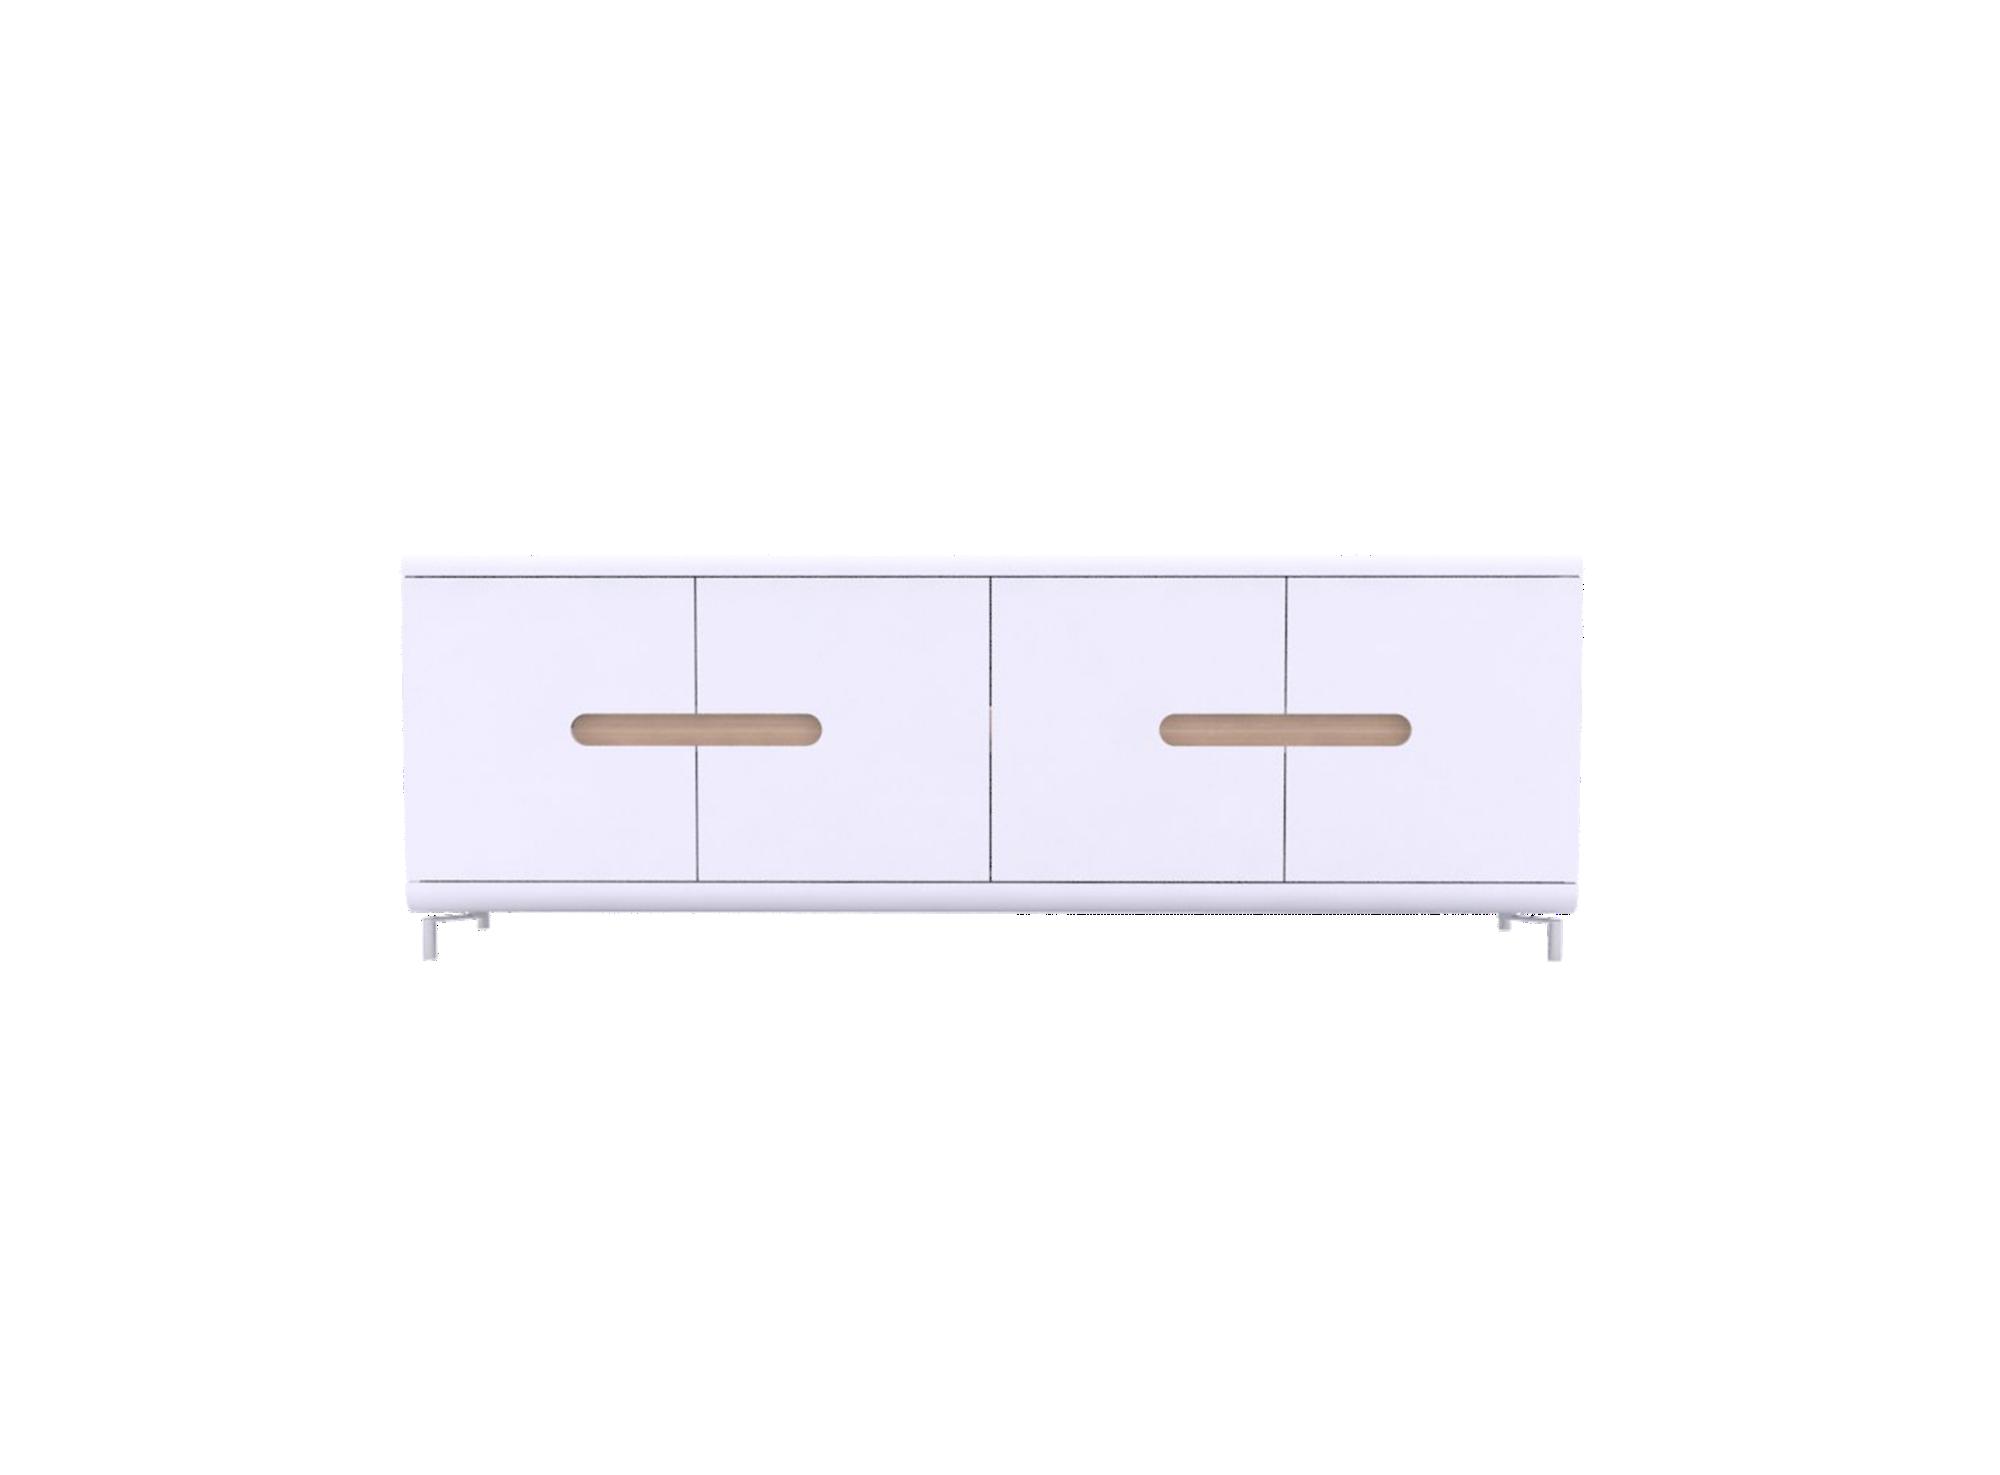 Rangement 4portes blc/ band. 4 couleurs. structure en panneaux de par ...